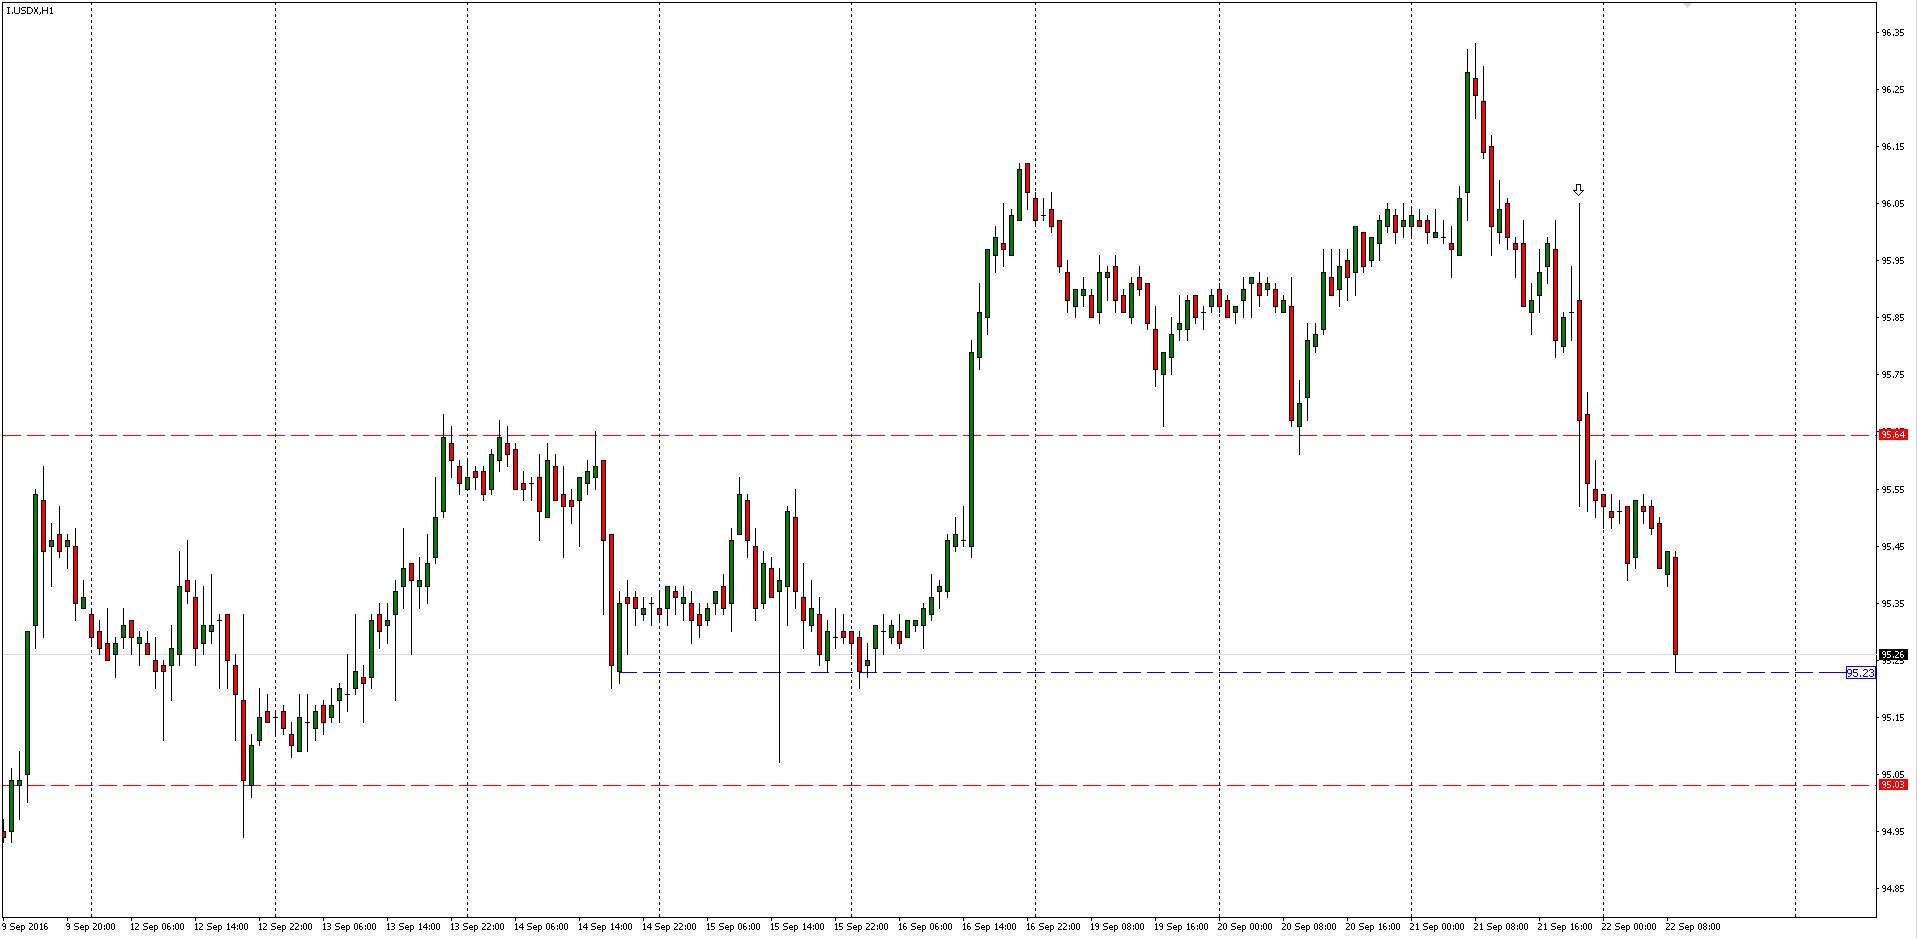 US Dollar Index H1